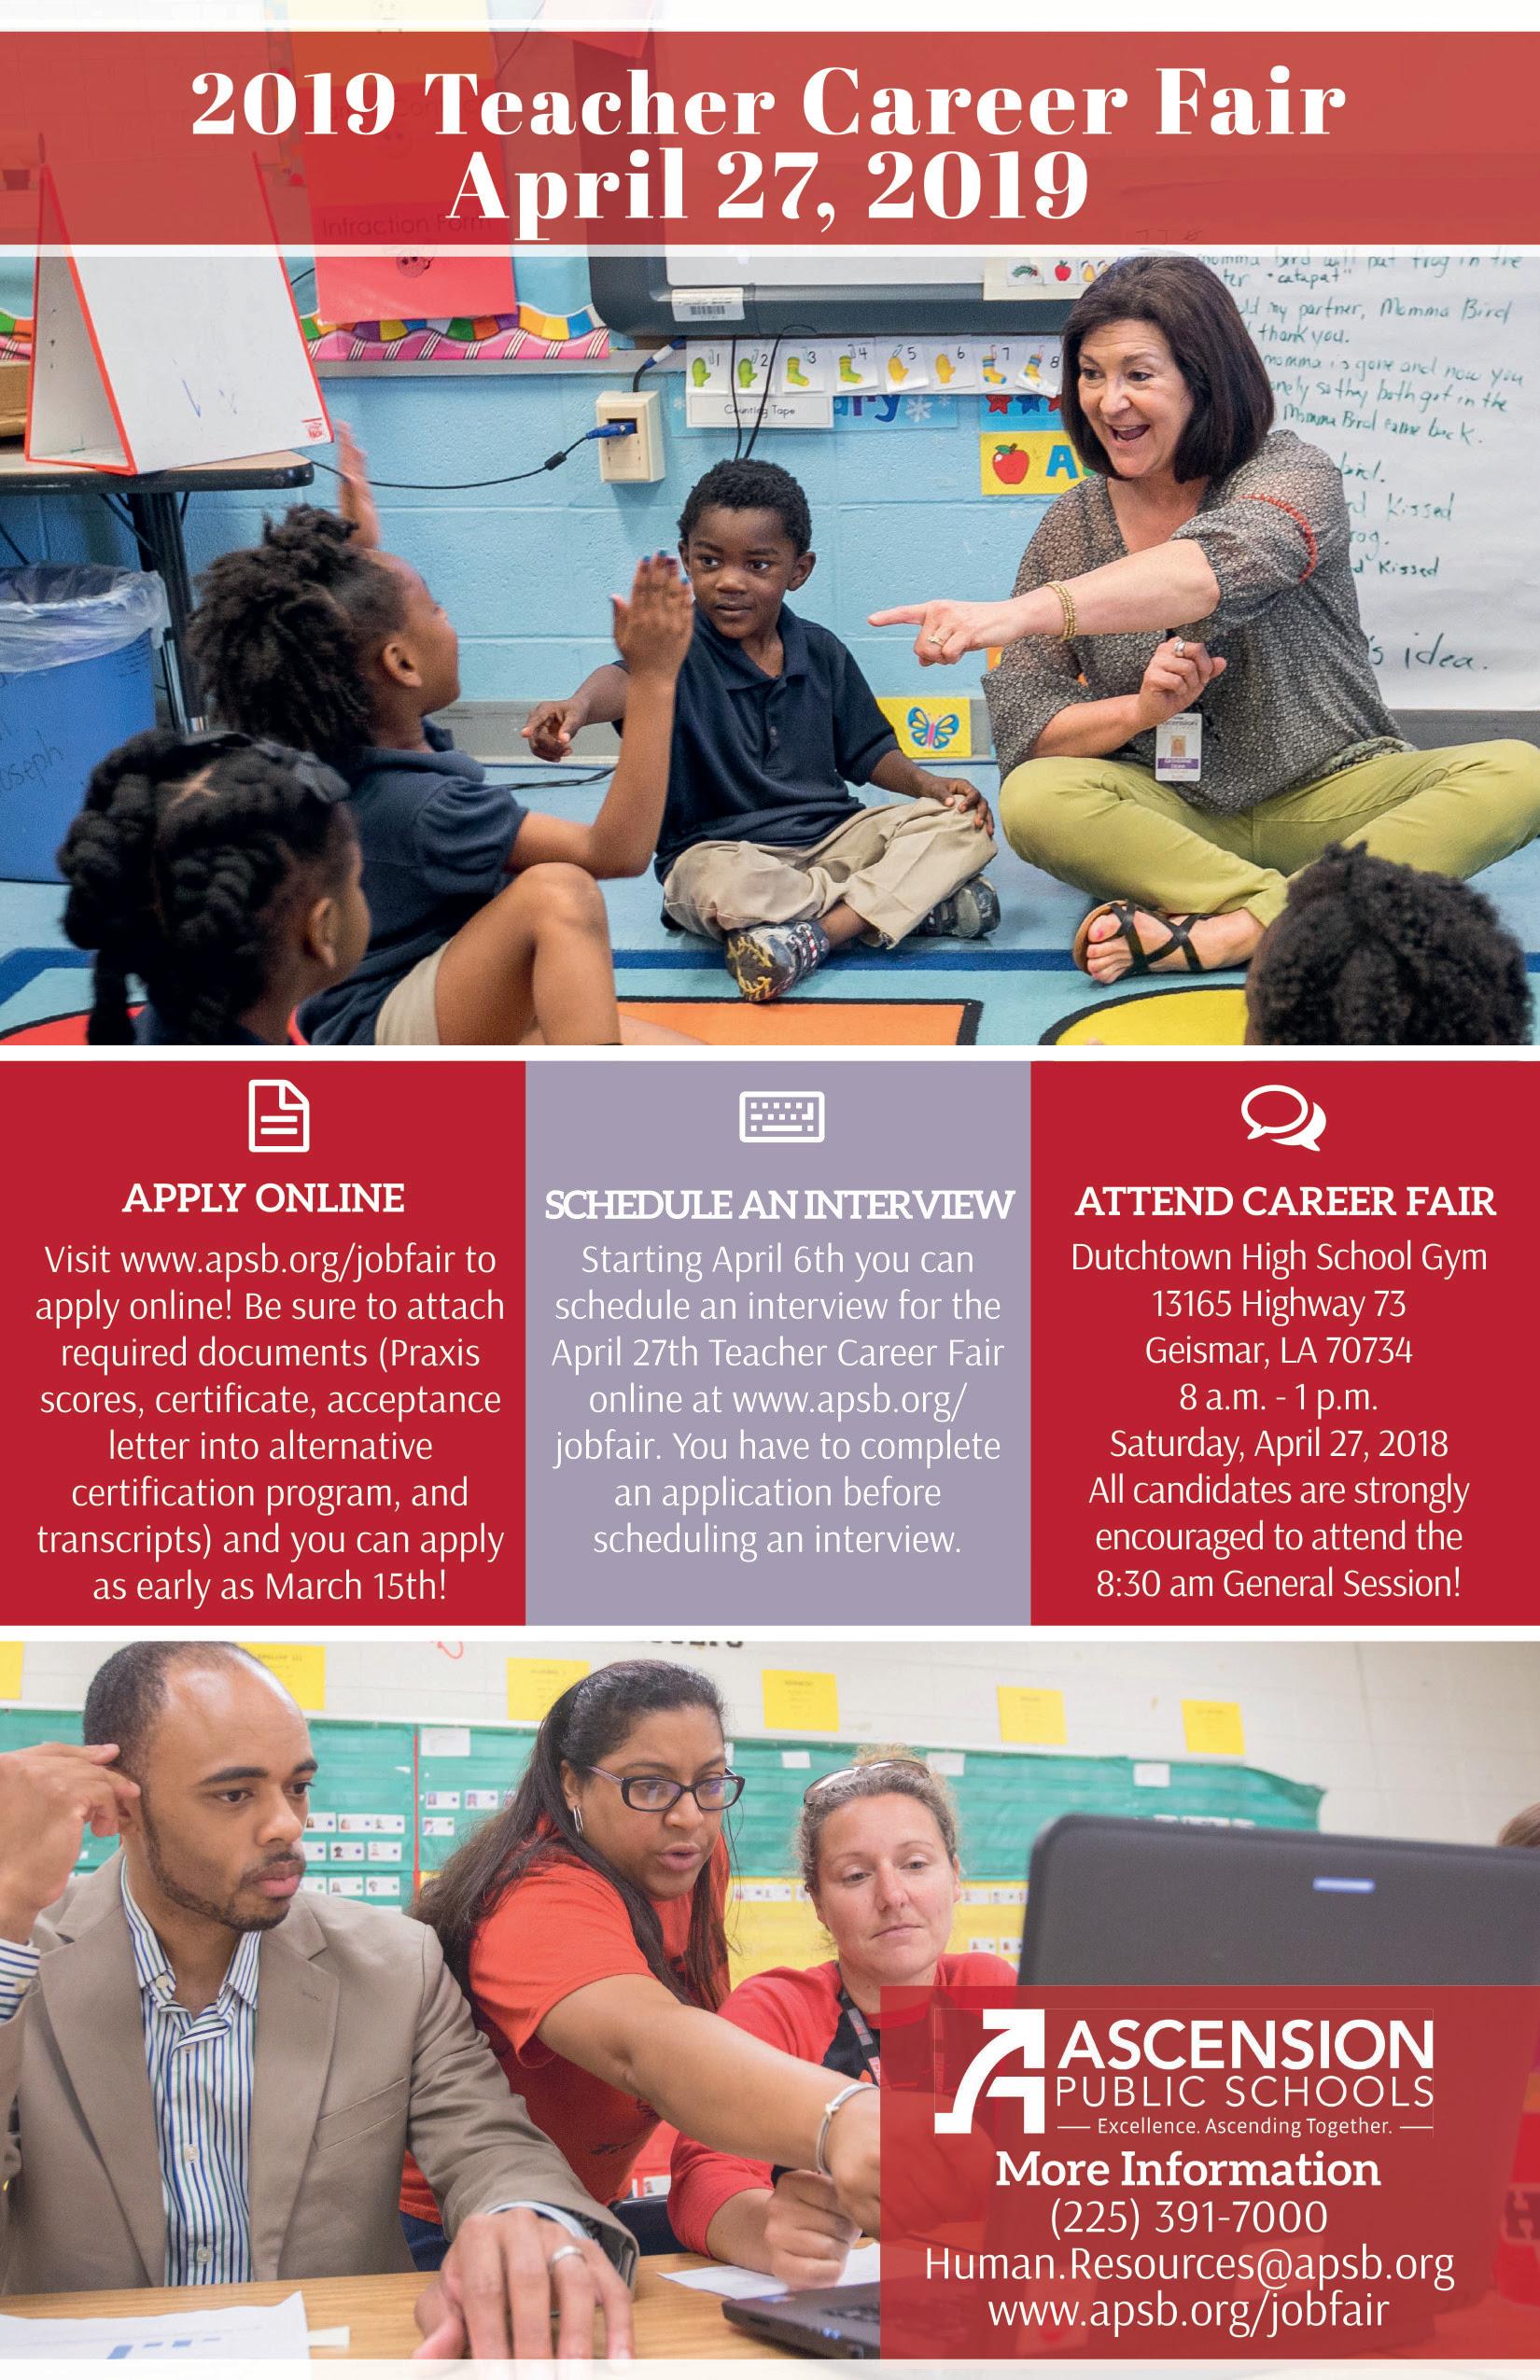 Teacher Career Fair Flyer